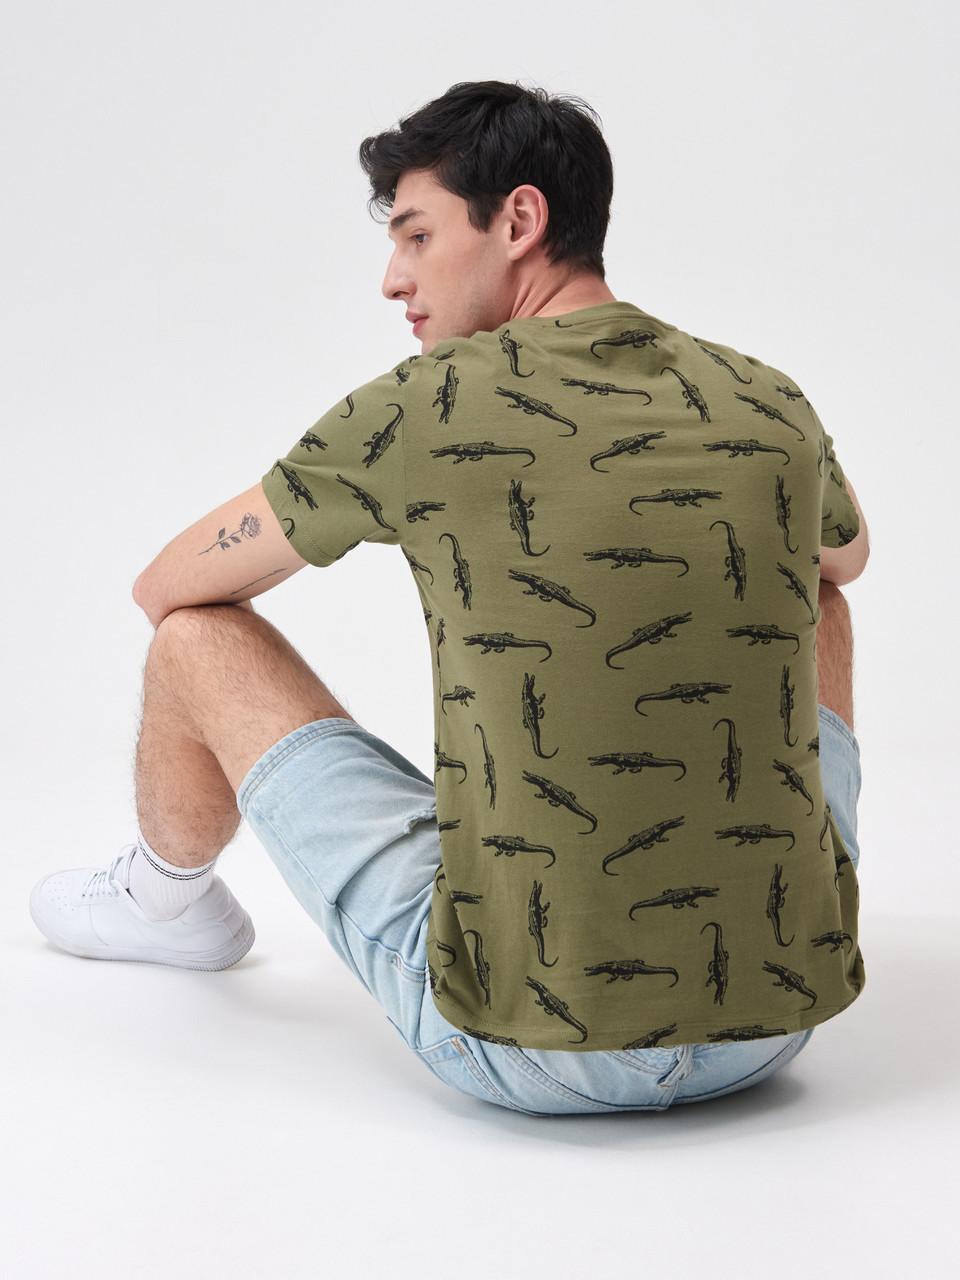 """Чоловіча футболка з принтом """"Алігатори"""", розмір М. Польща"""